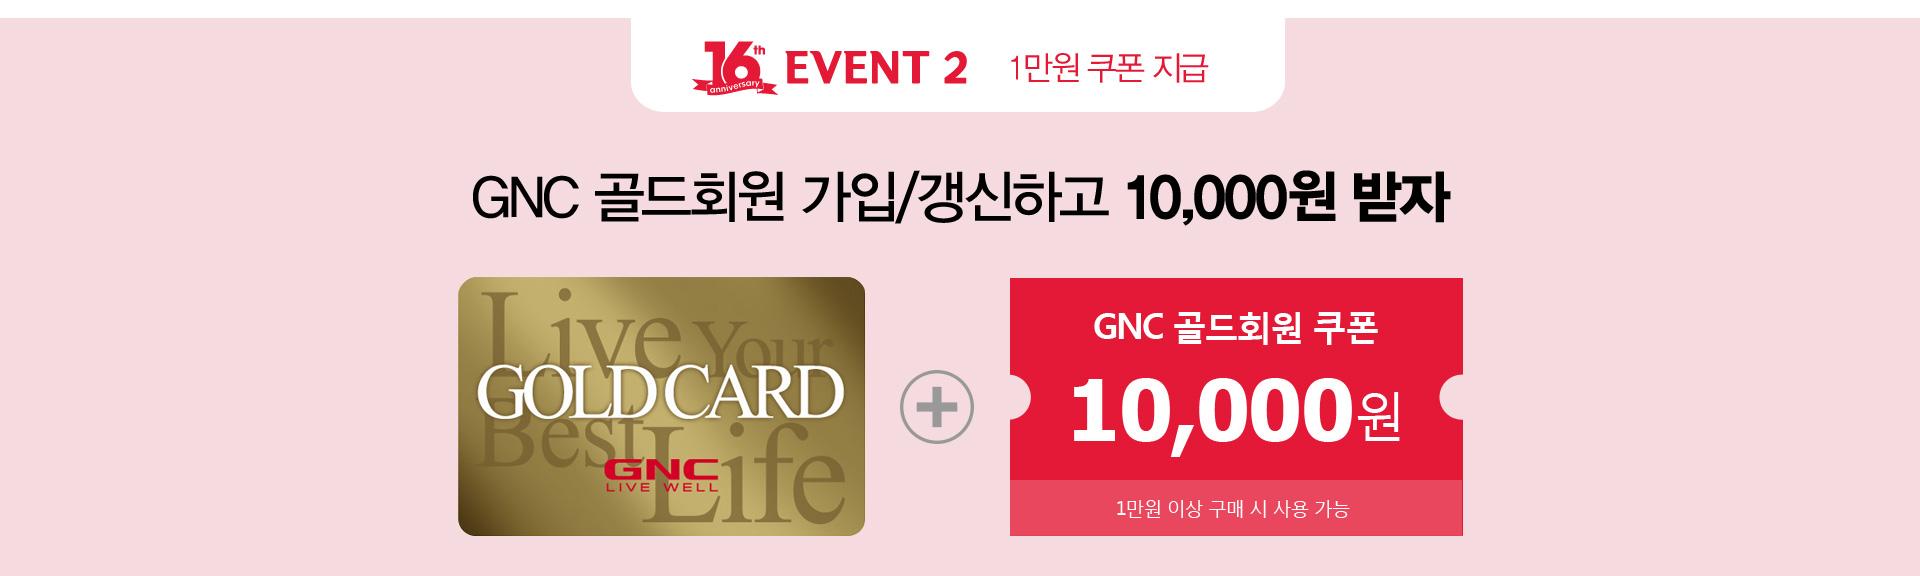 EVENT 2. 골드회원 신규 가입/갱신하고 10,000원 받자!